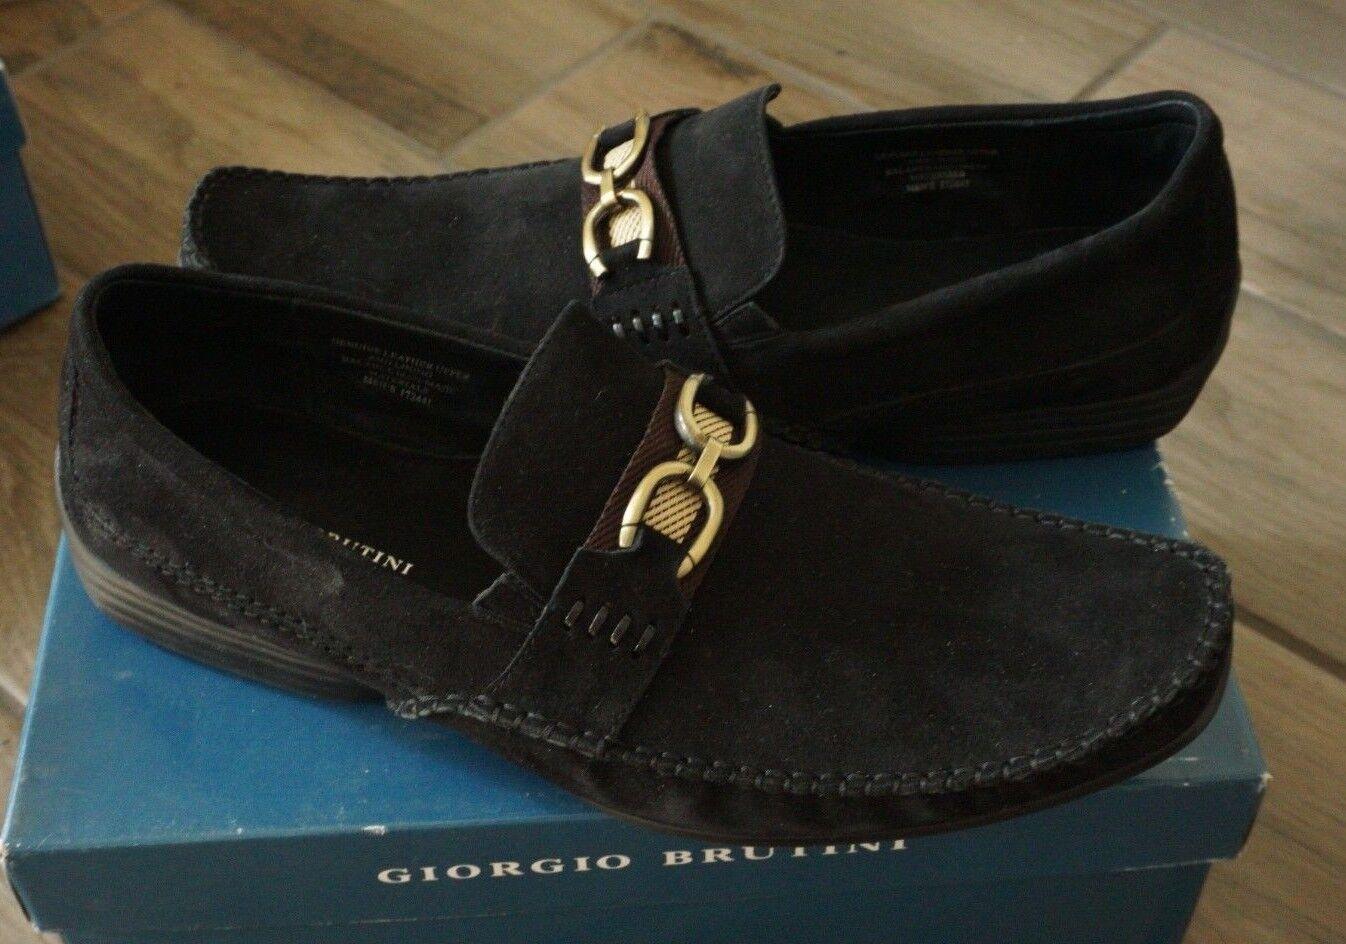 Giorgio Brutini 229547 Veloursleder Schwarz Gr. 13 M Kleid Schuhe